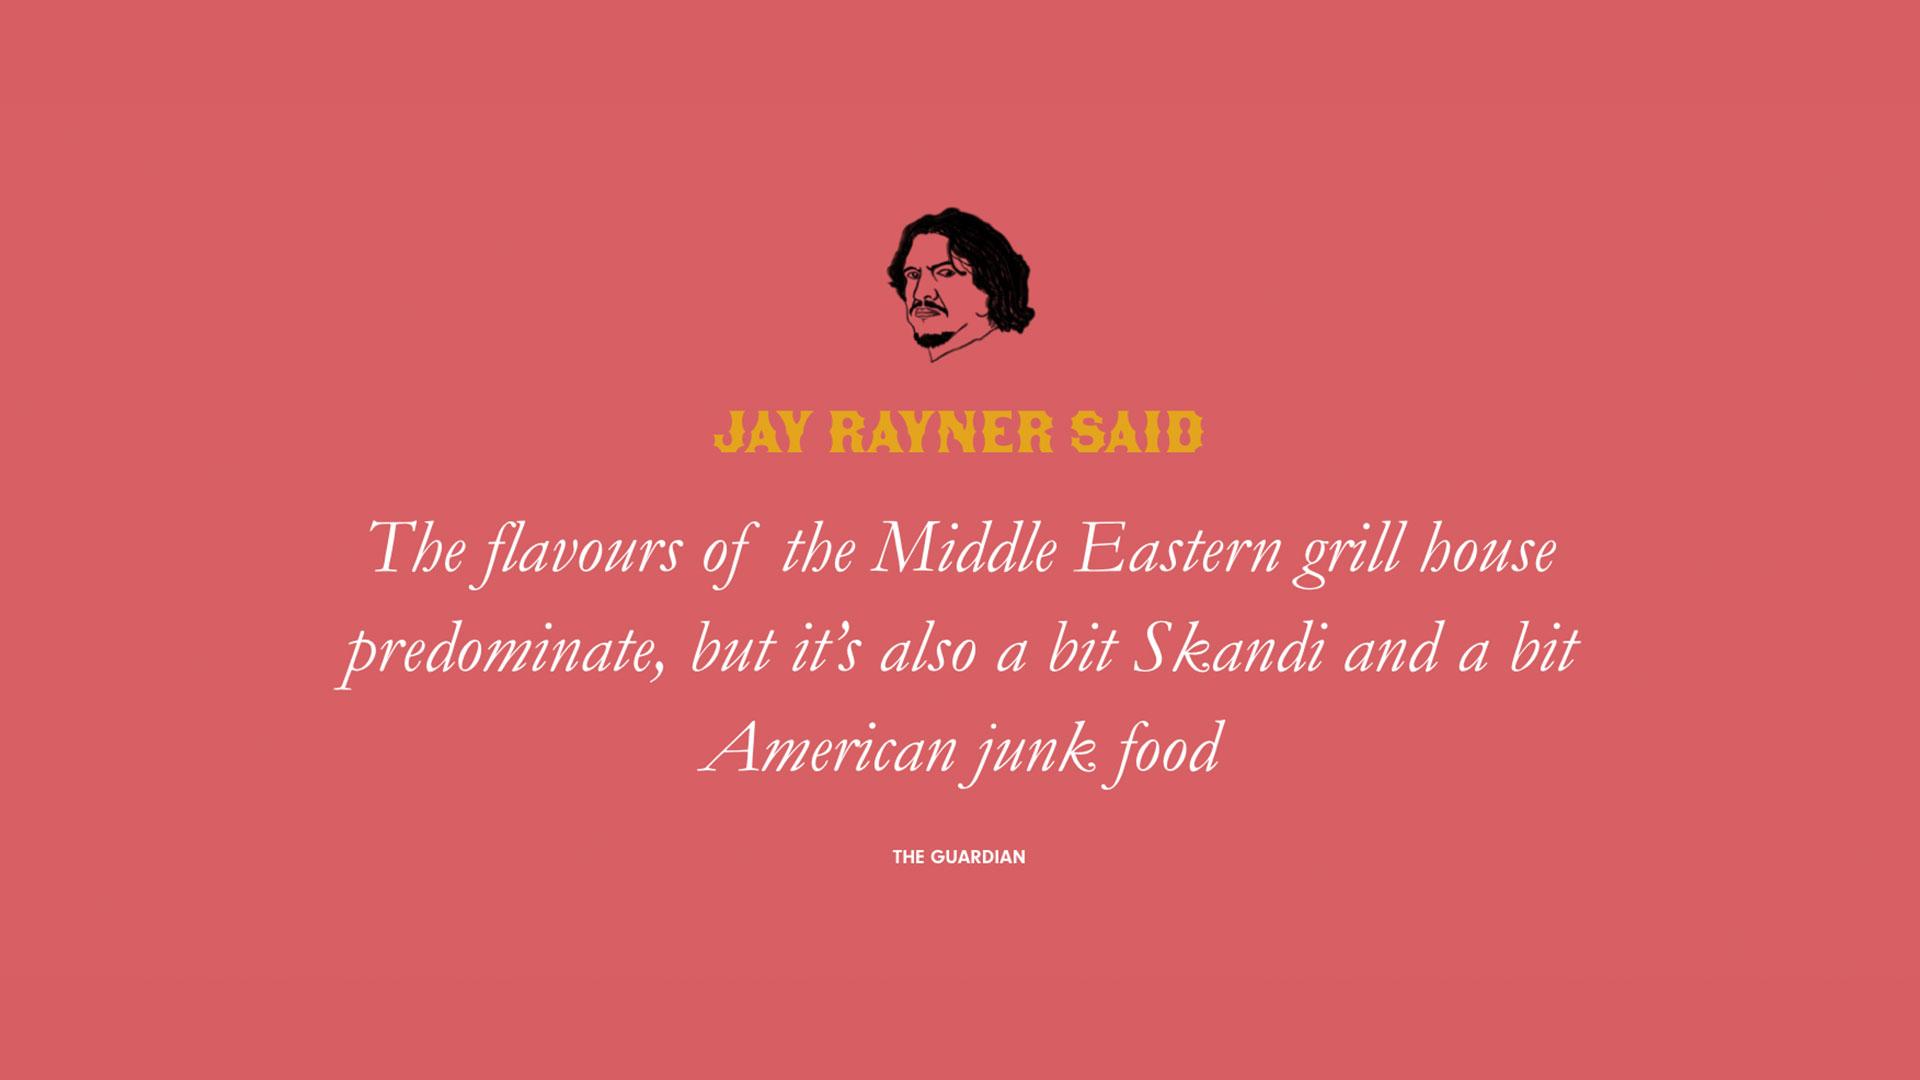 Maray Jay Rainer review